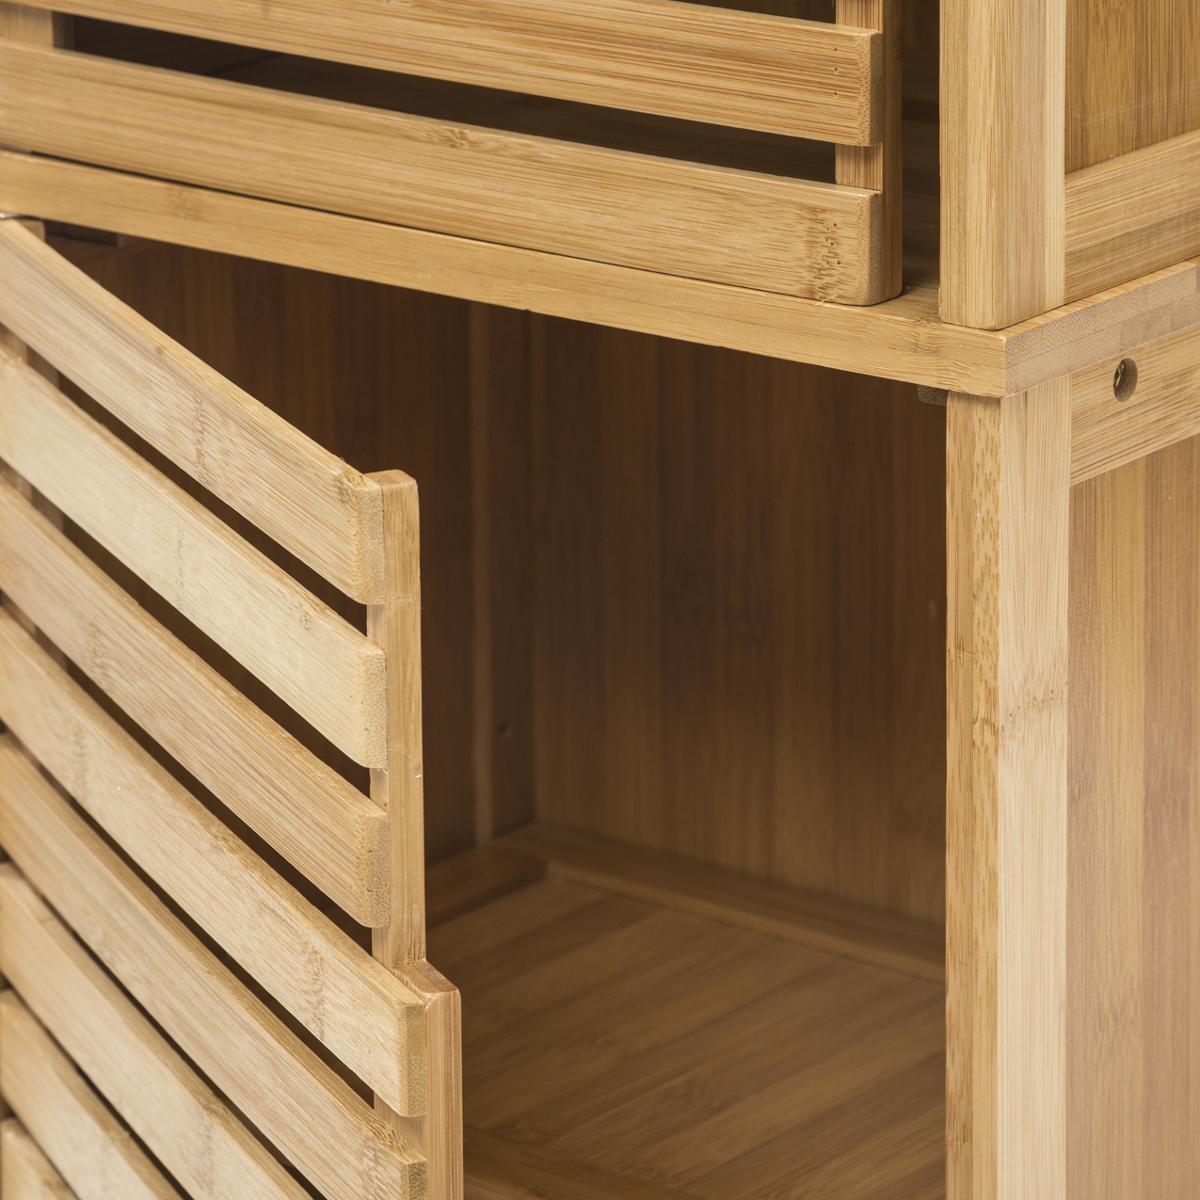 colonne salle de bains en bambou 170cm